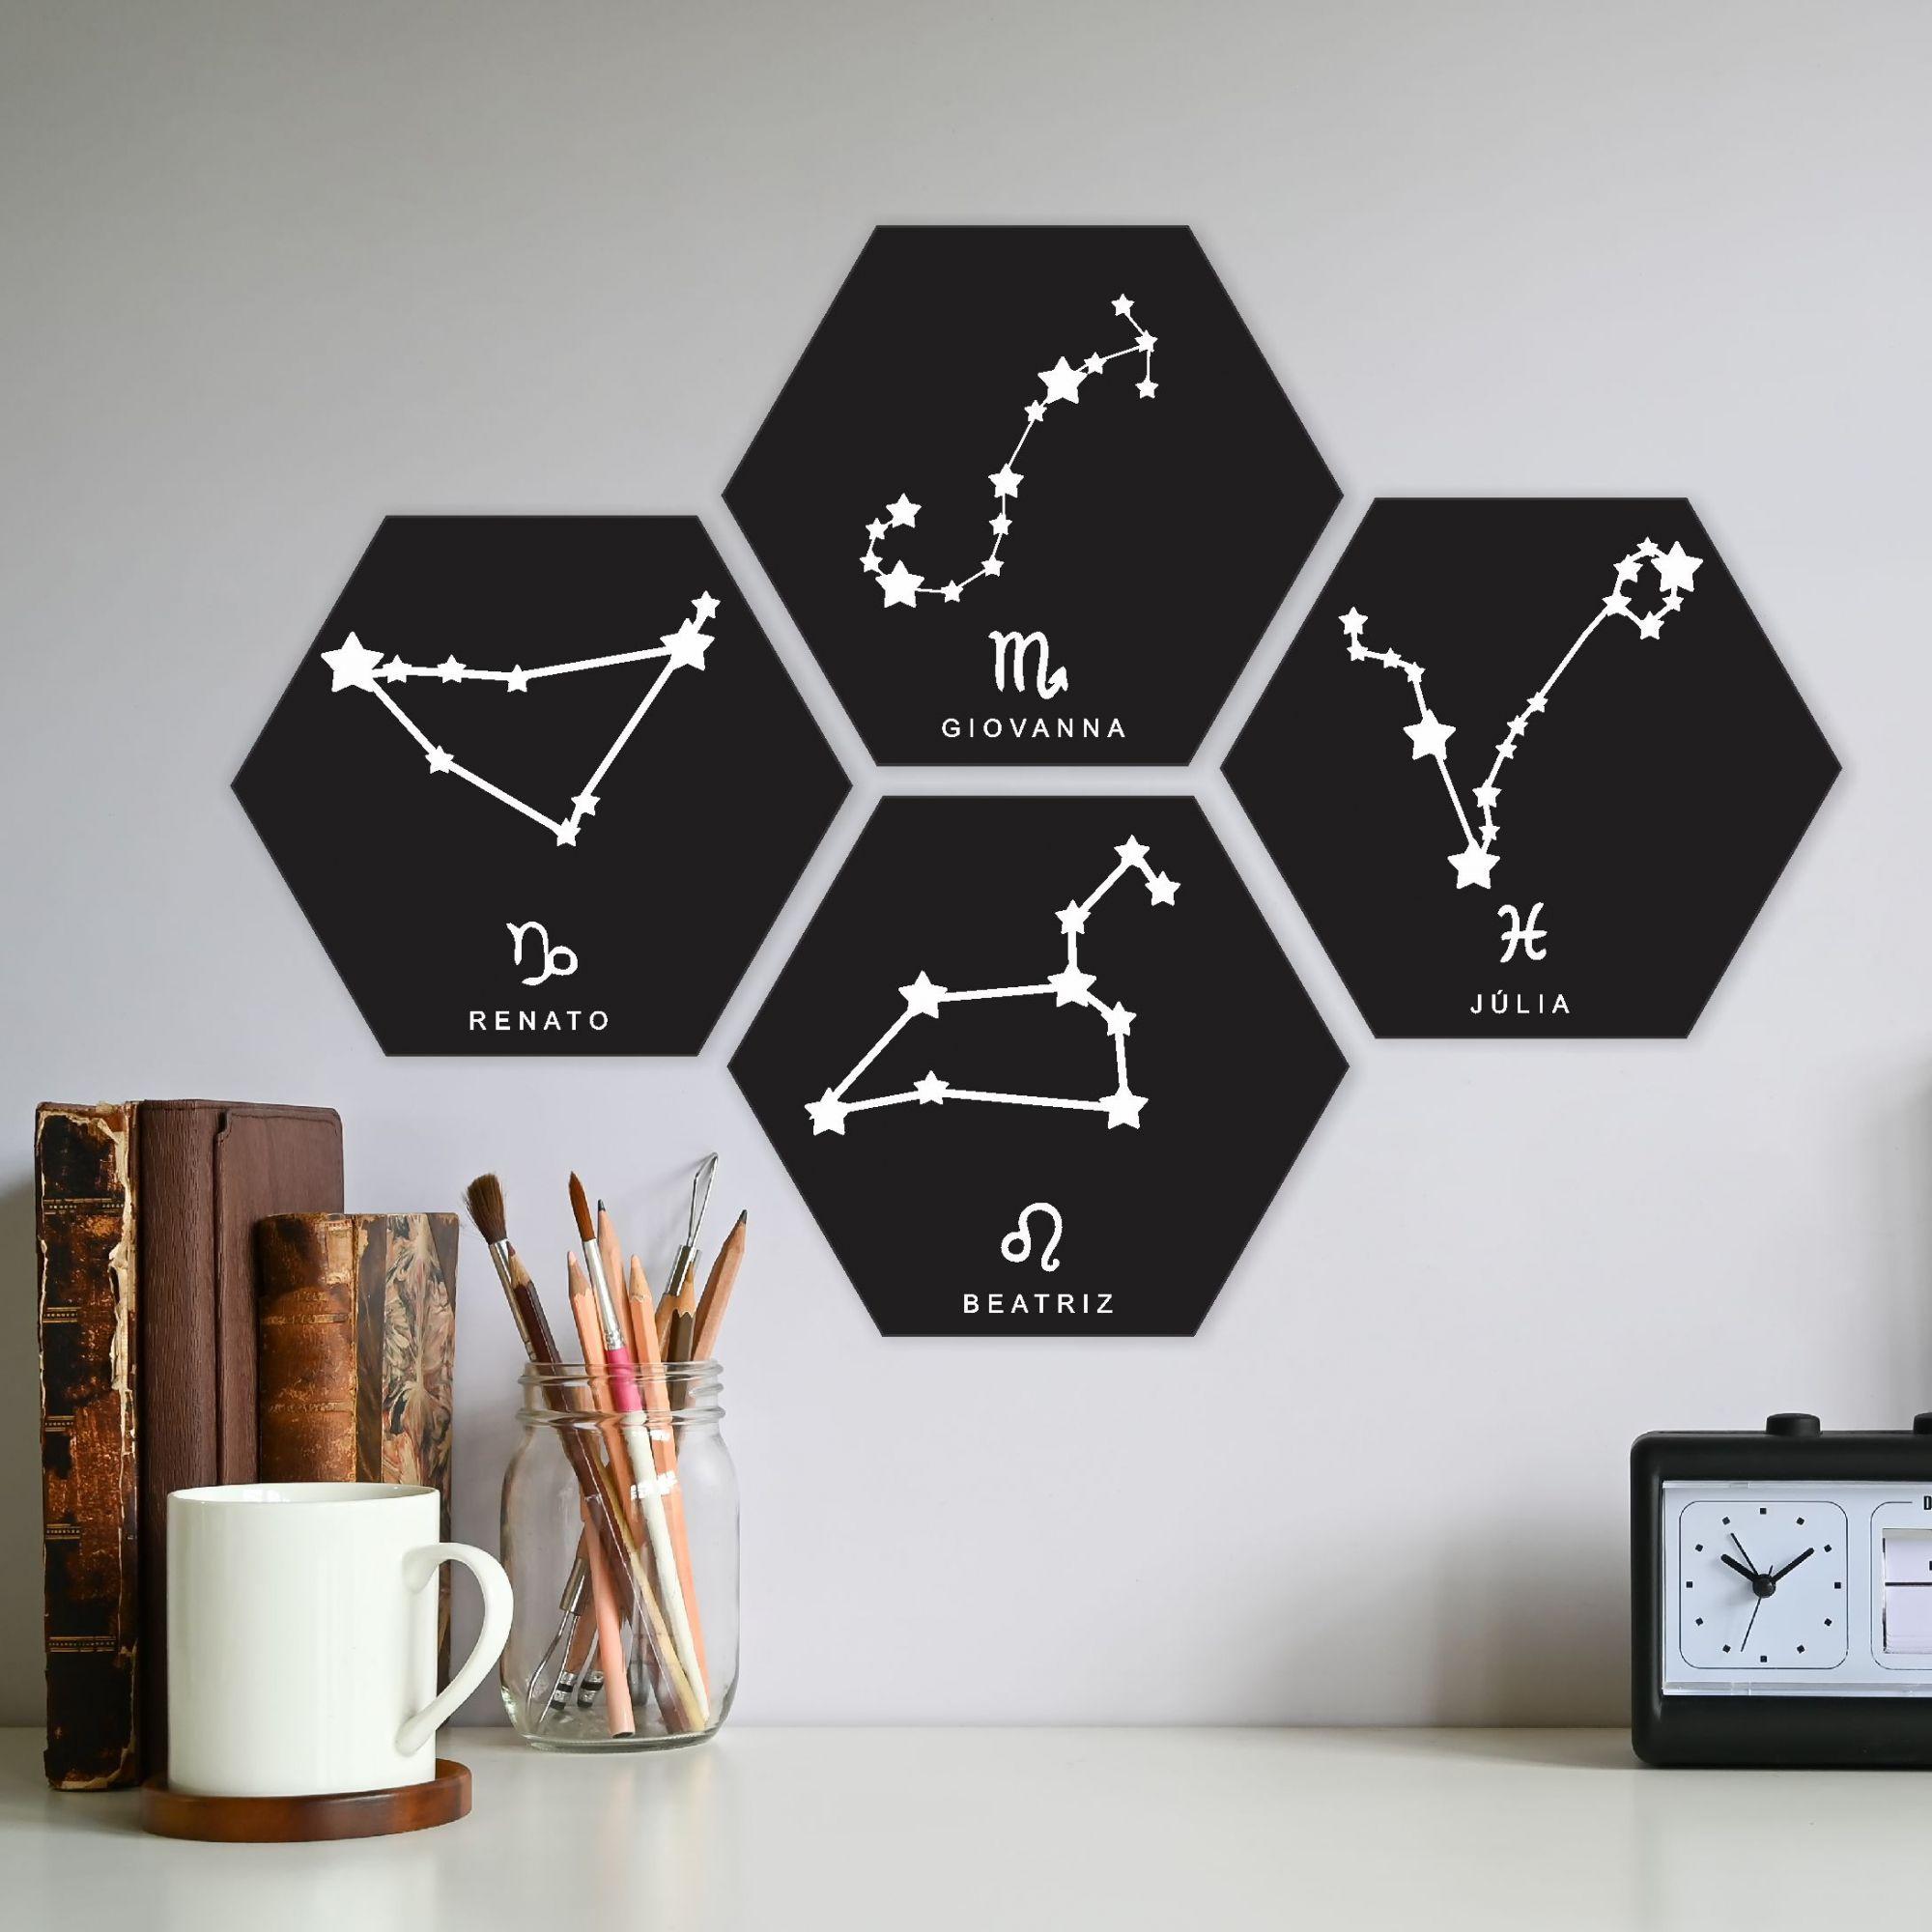 Quadro Personalizado - signos do horoscopo - SAGITÁRIO